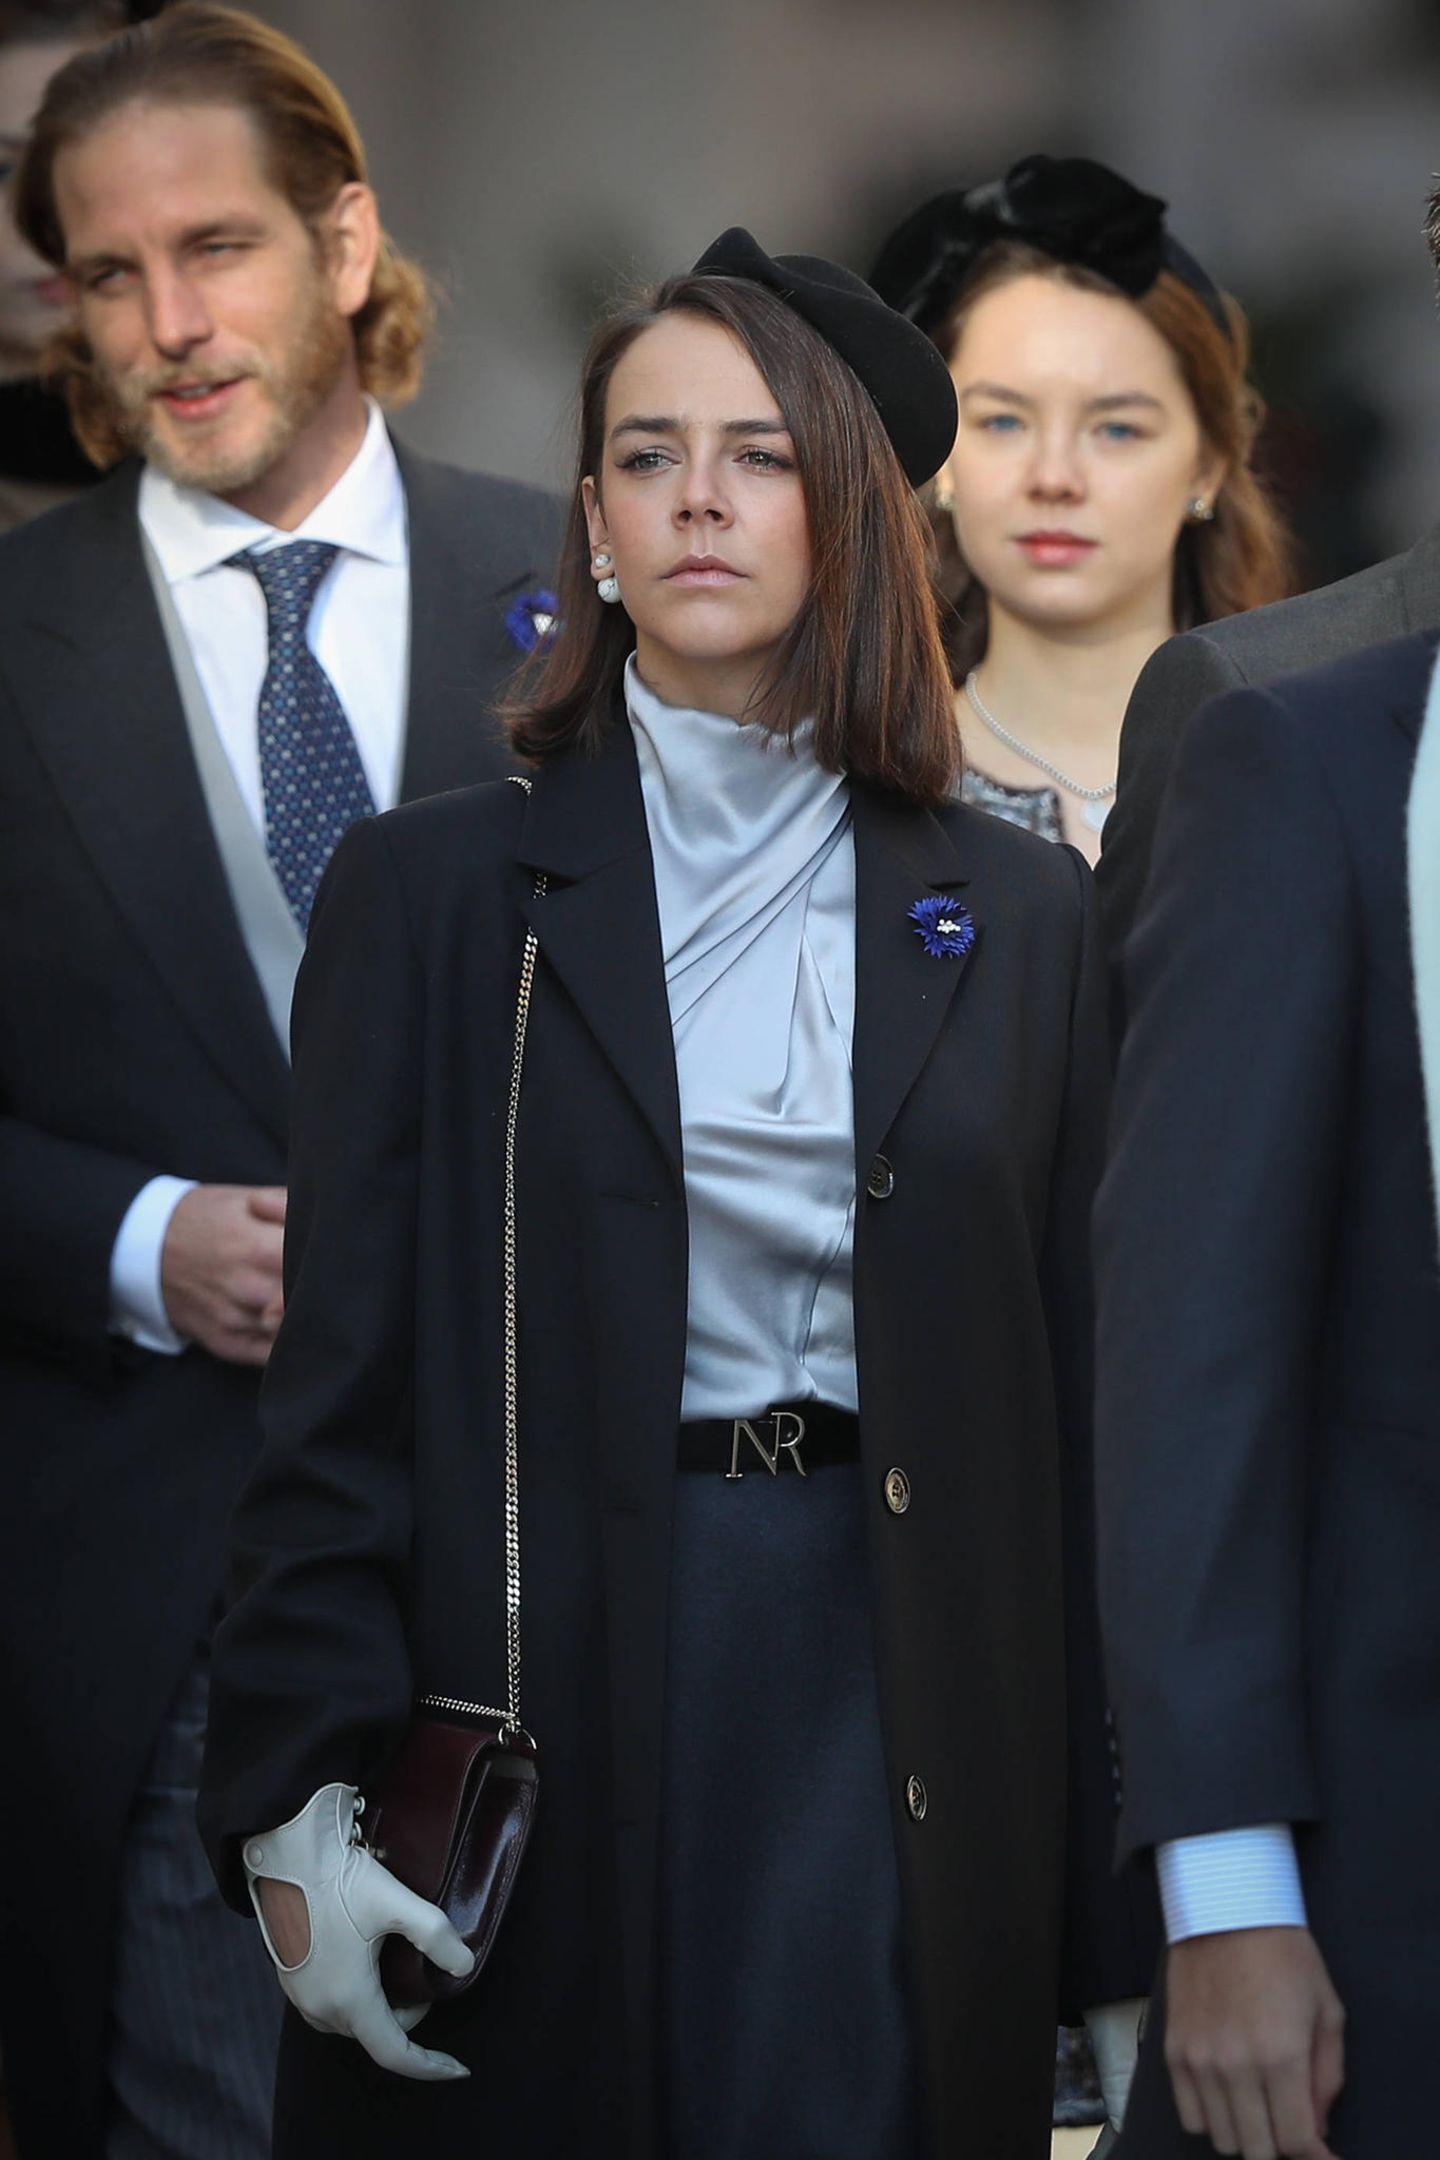 Vor dem Fürstenpalast zeigt sich Pauline Ducruet,Prinzessin Stéphanies Tochter, gewohnt stilsicher.